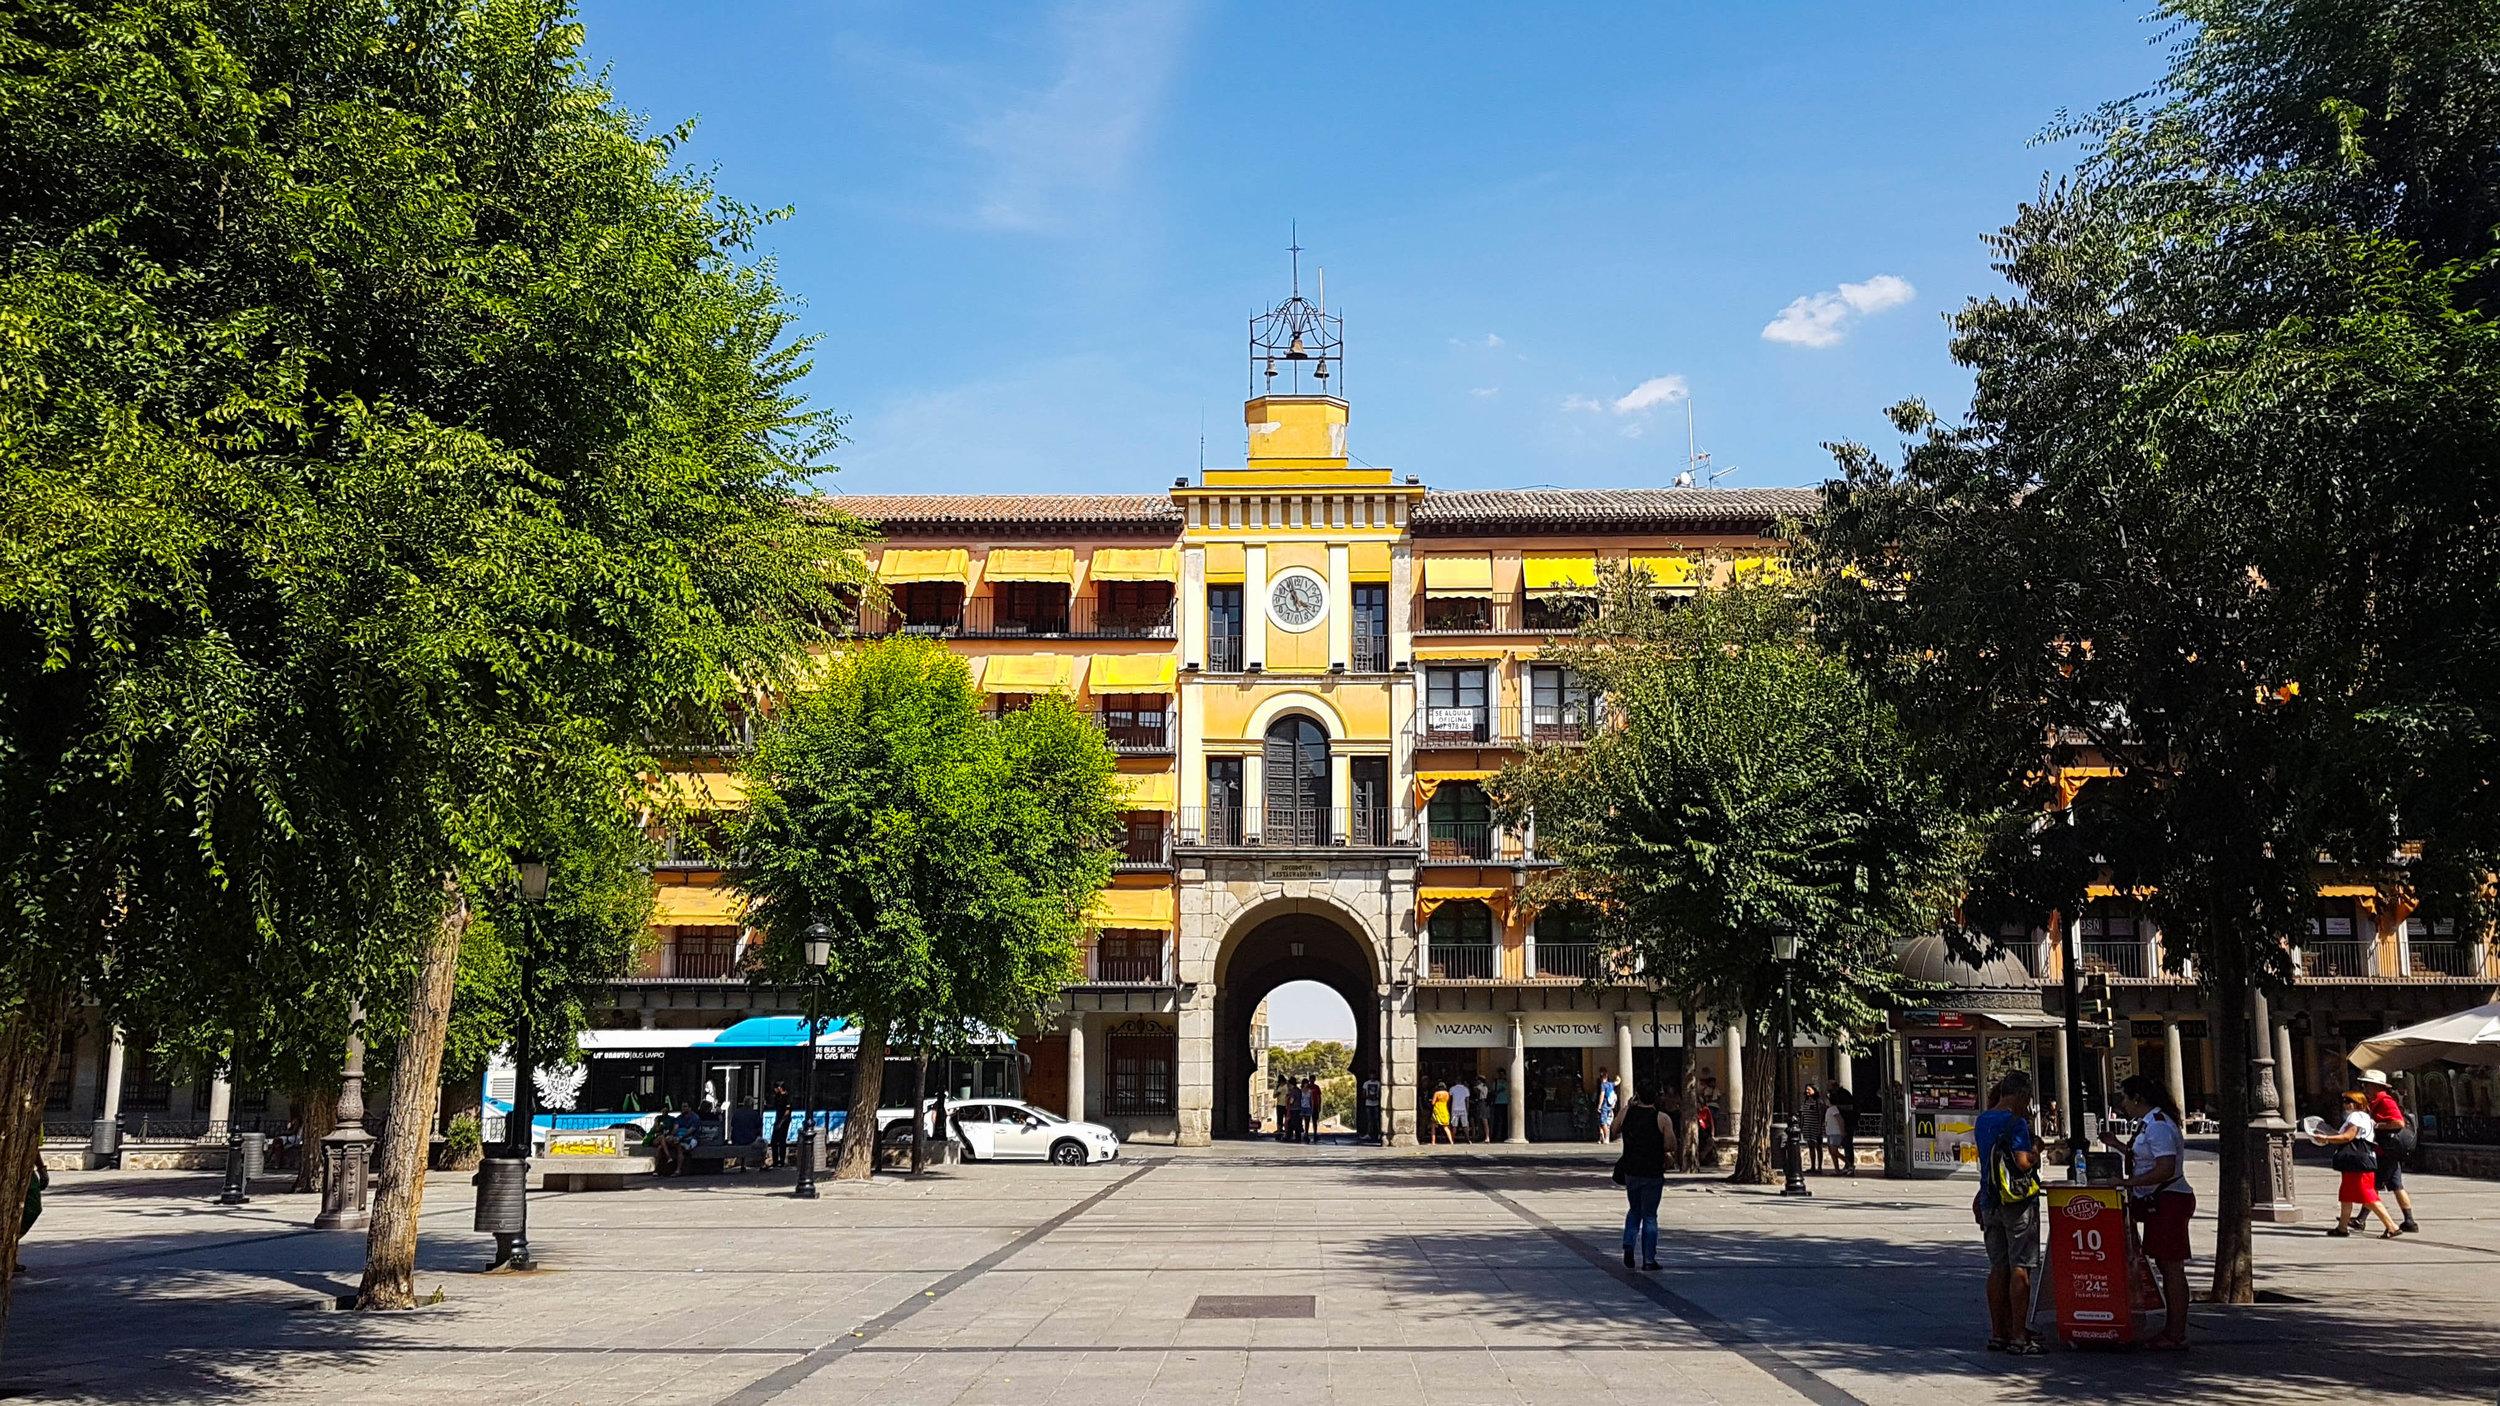 Las plazas más bonitas de España - Plaza de Zocodover (Toledo)